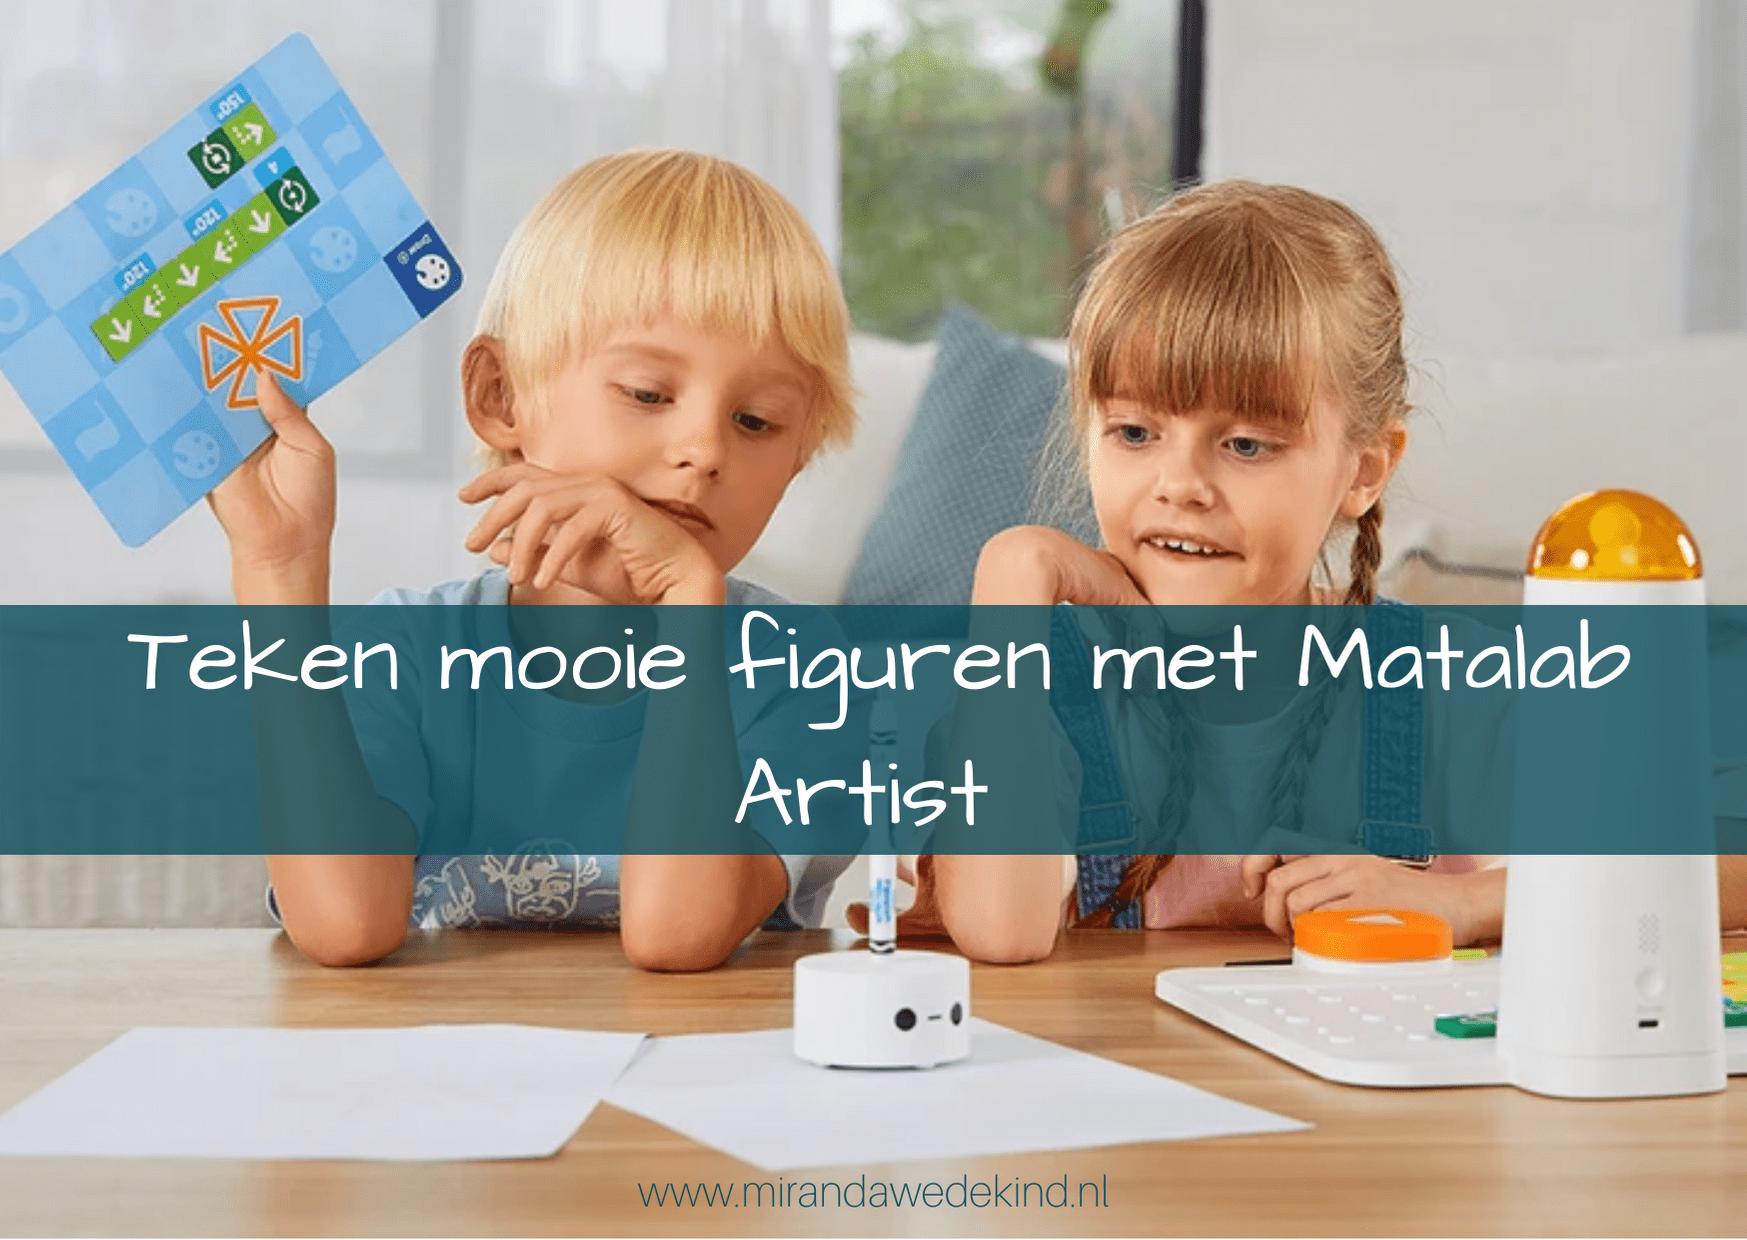 Teken mooie figuren met Matalab Artist